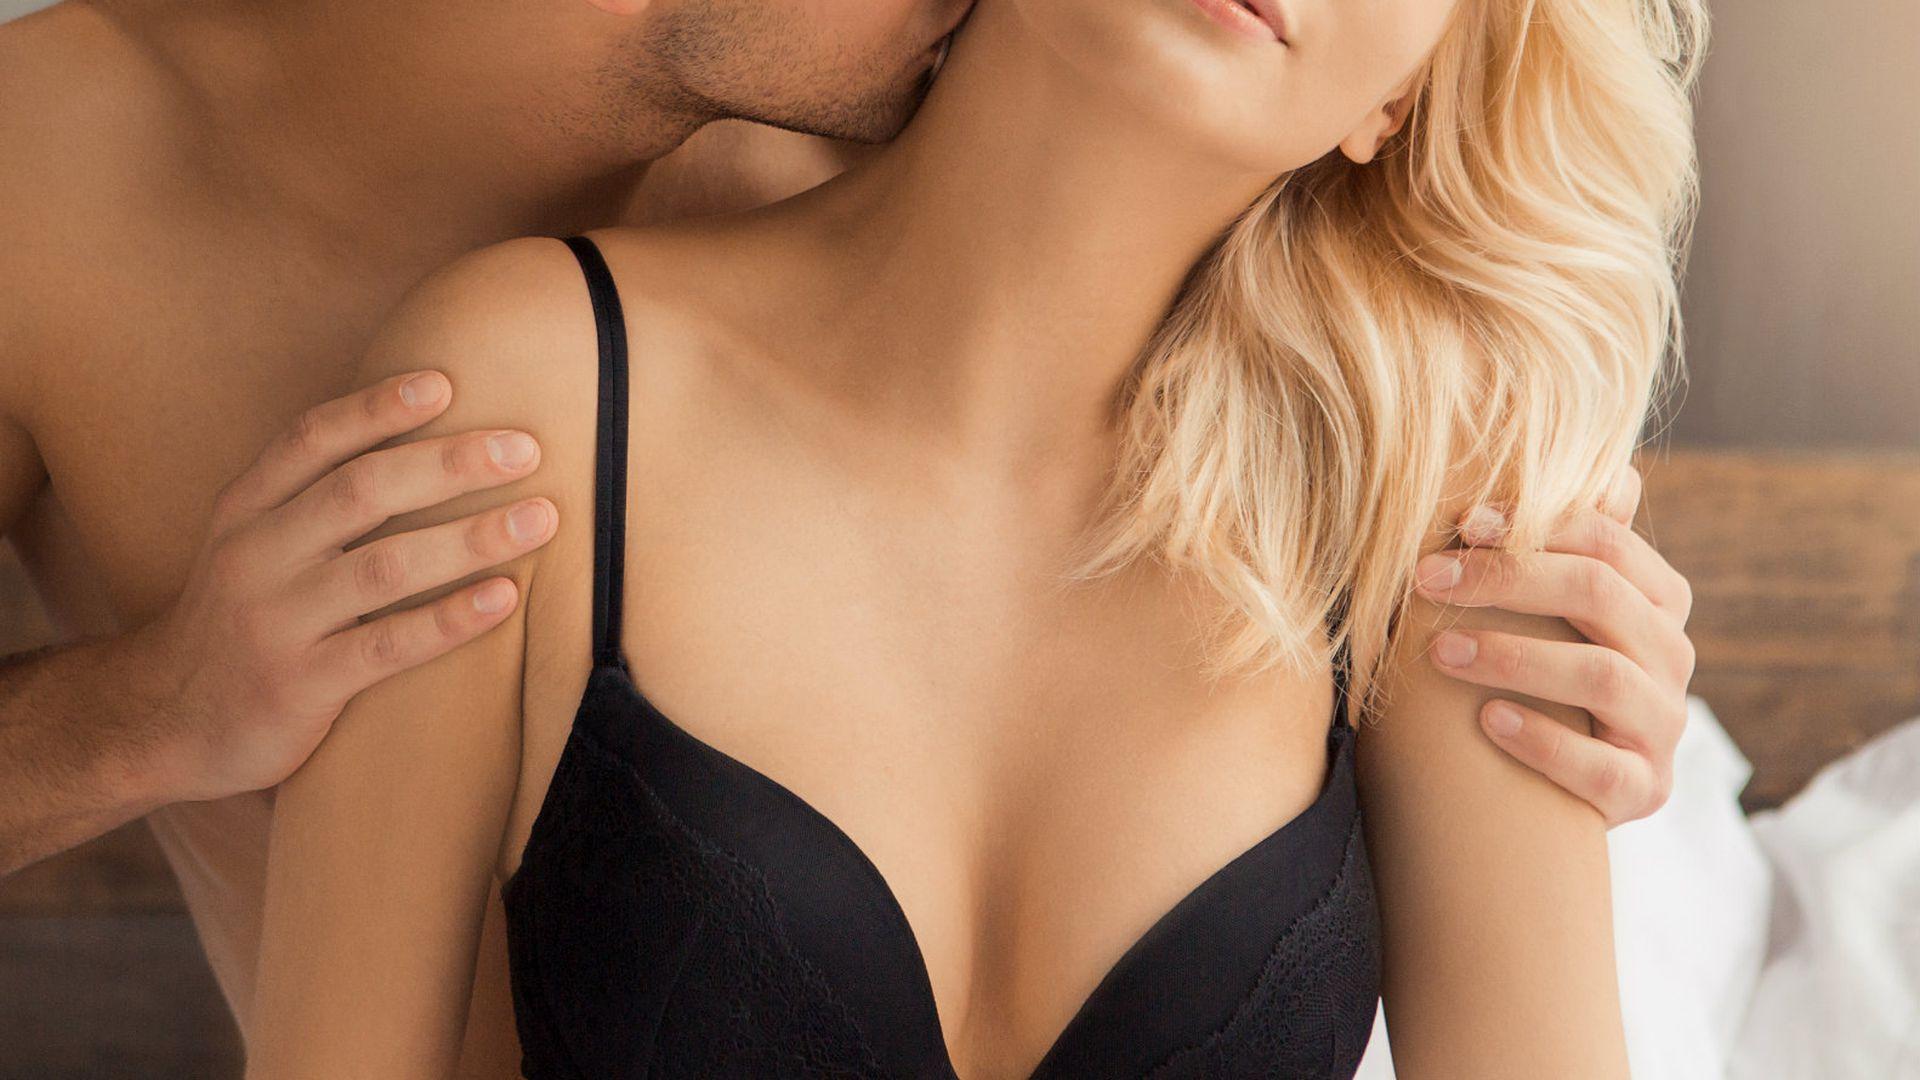 ženske tablete za orgazamjedu crnu pičku com